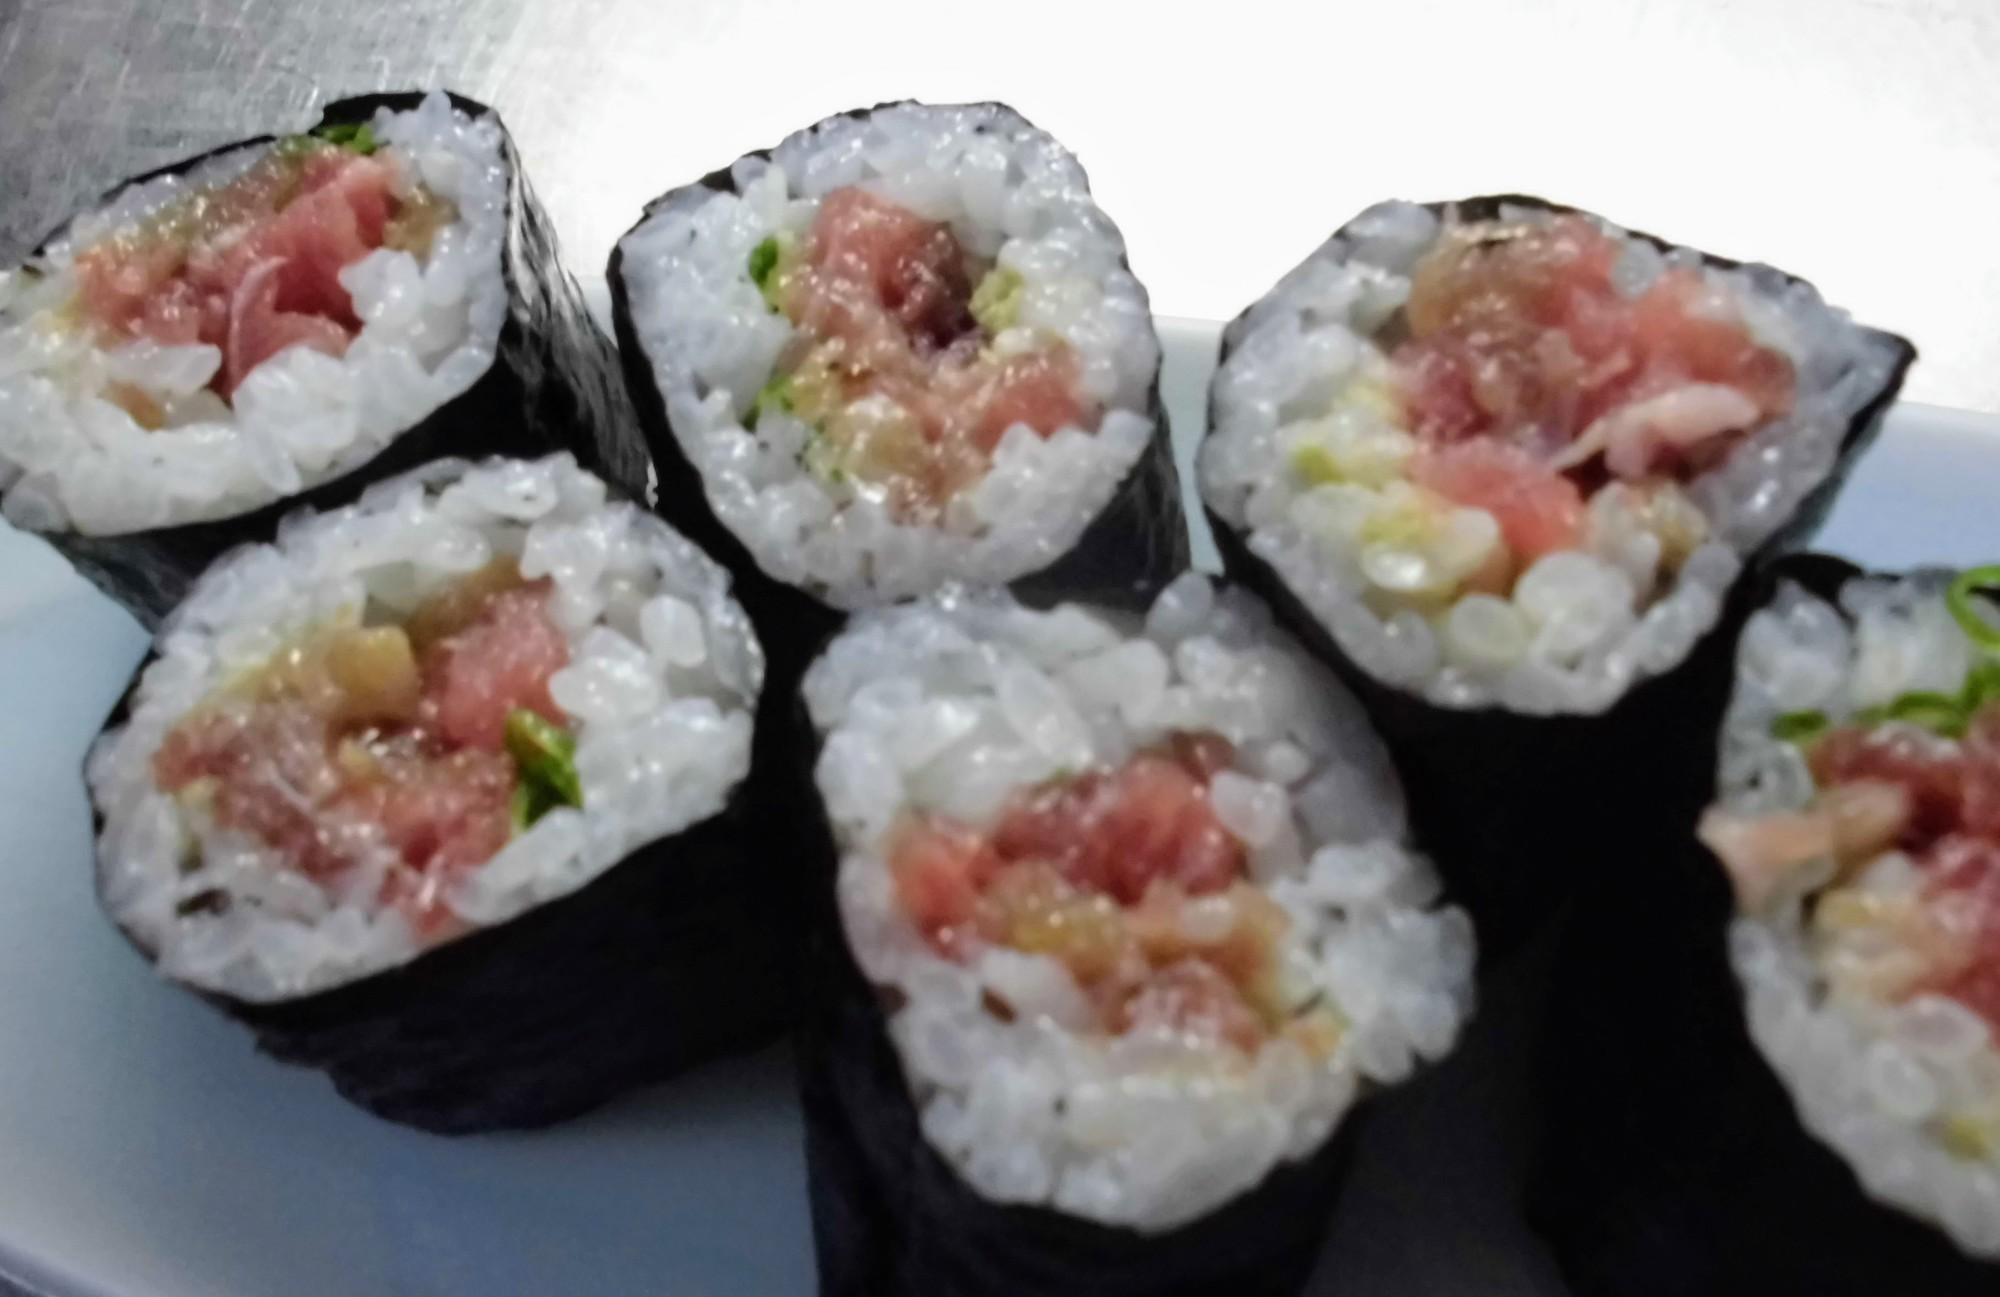 5. Tuna And Scallion Sushi Roll (Negitoro Maki)